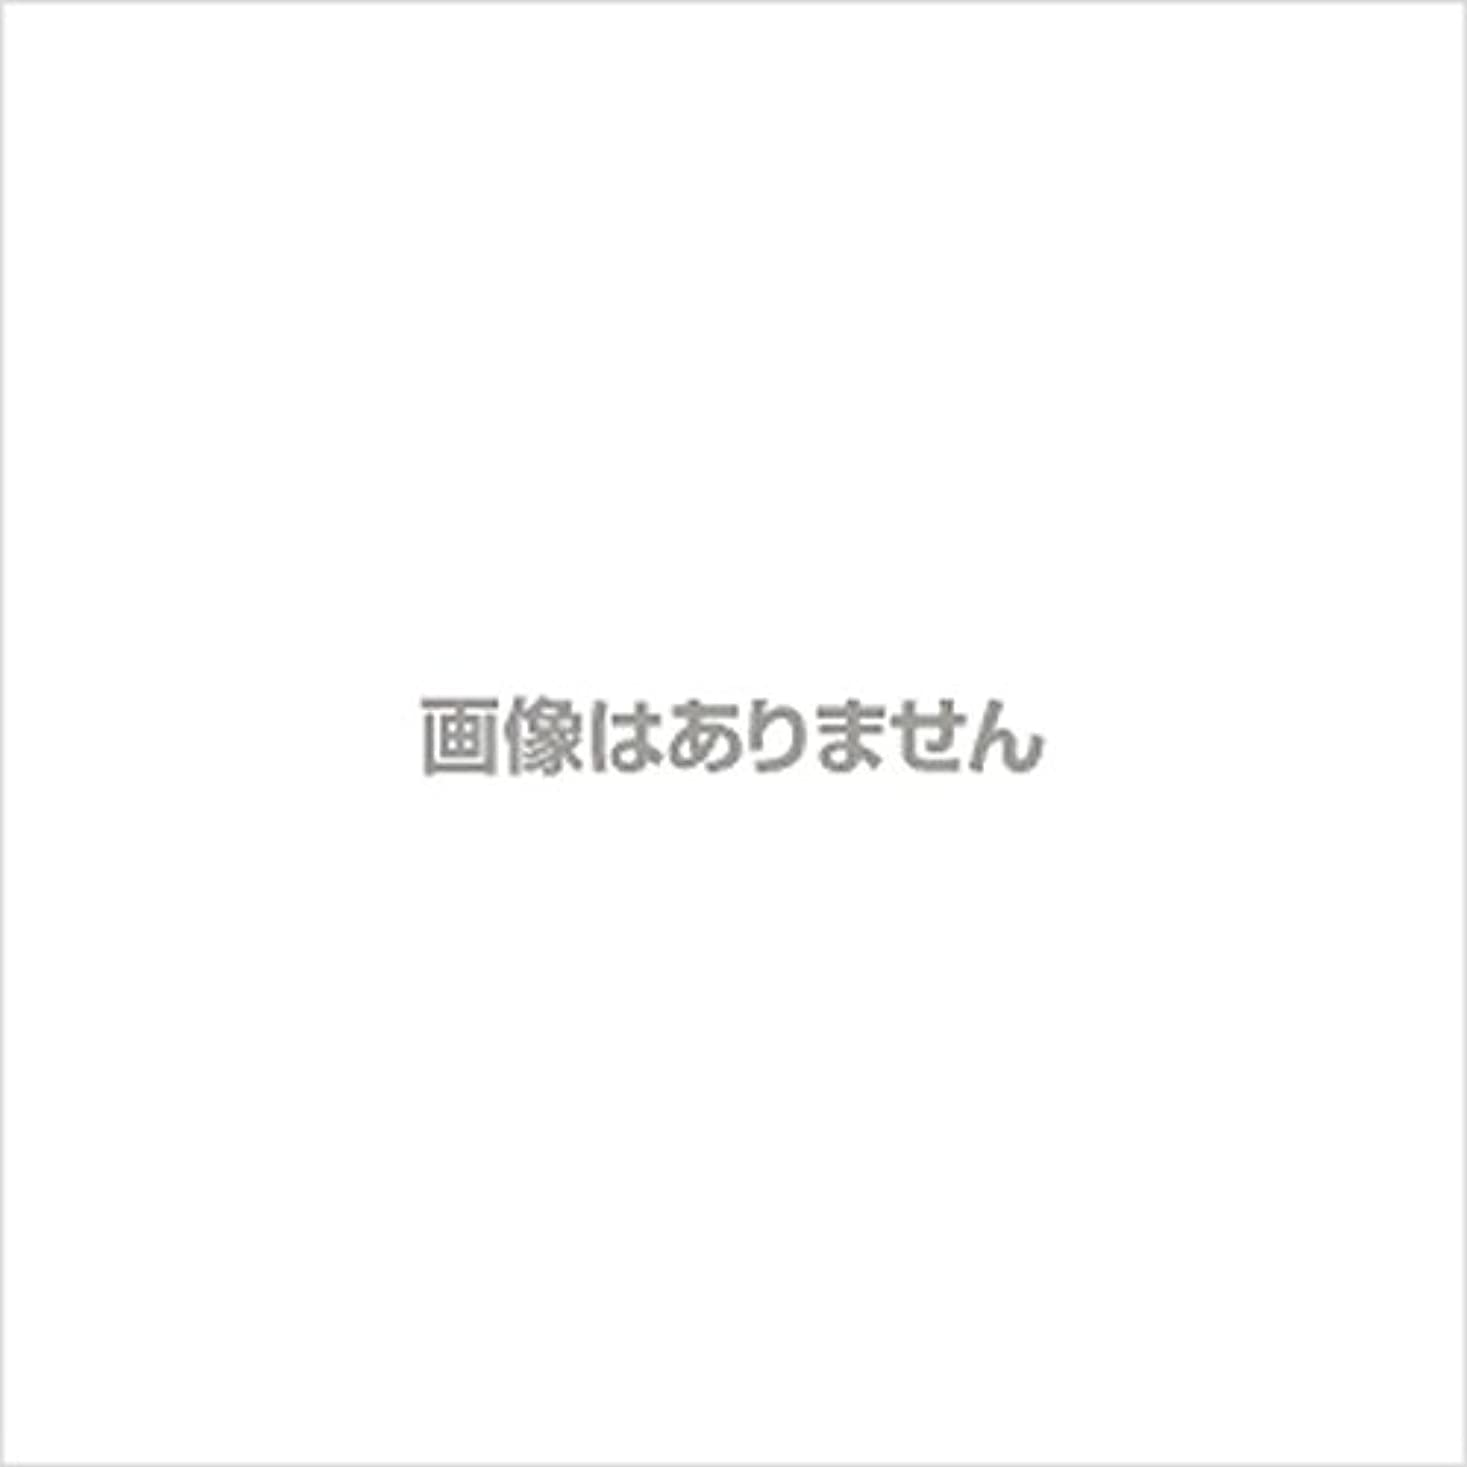 コミュニケーション証言外科医【新発売】EBUKEA エブケアNO1002 プラスチックグローブ(粉付)Mサイズ 100枚入(極薄?半透明)